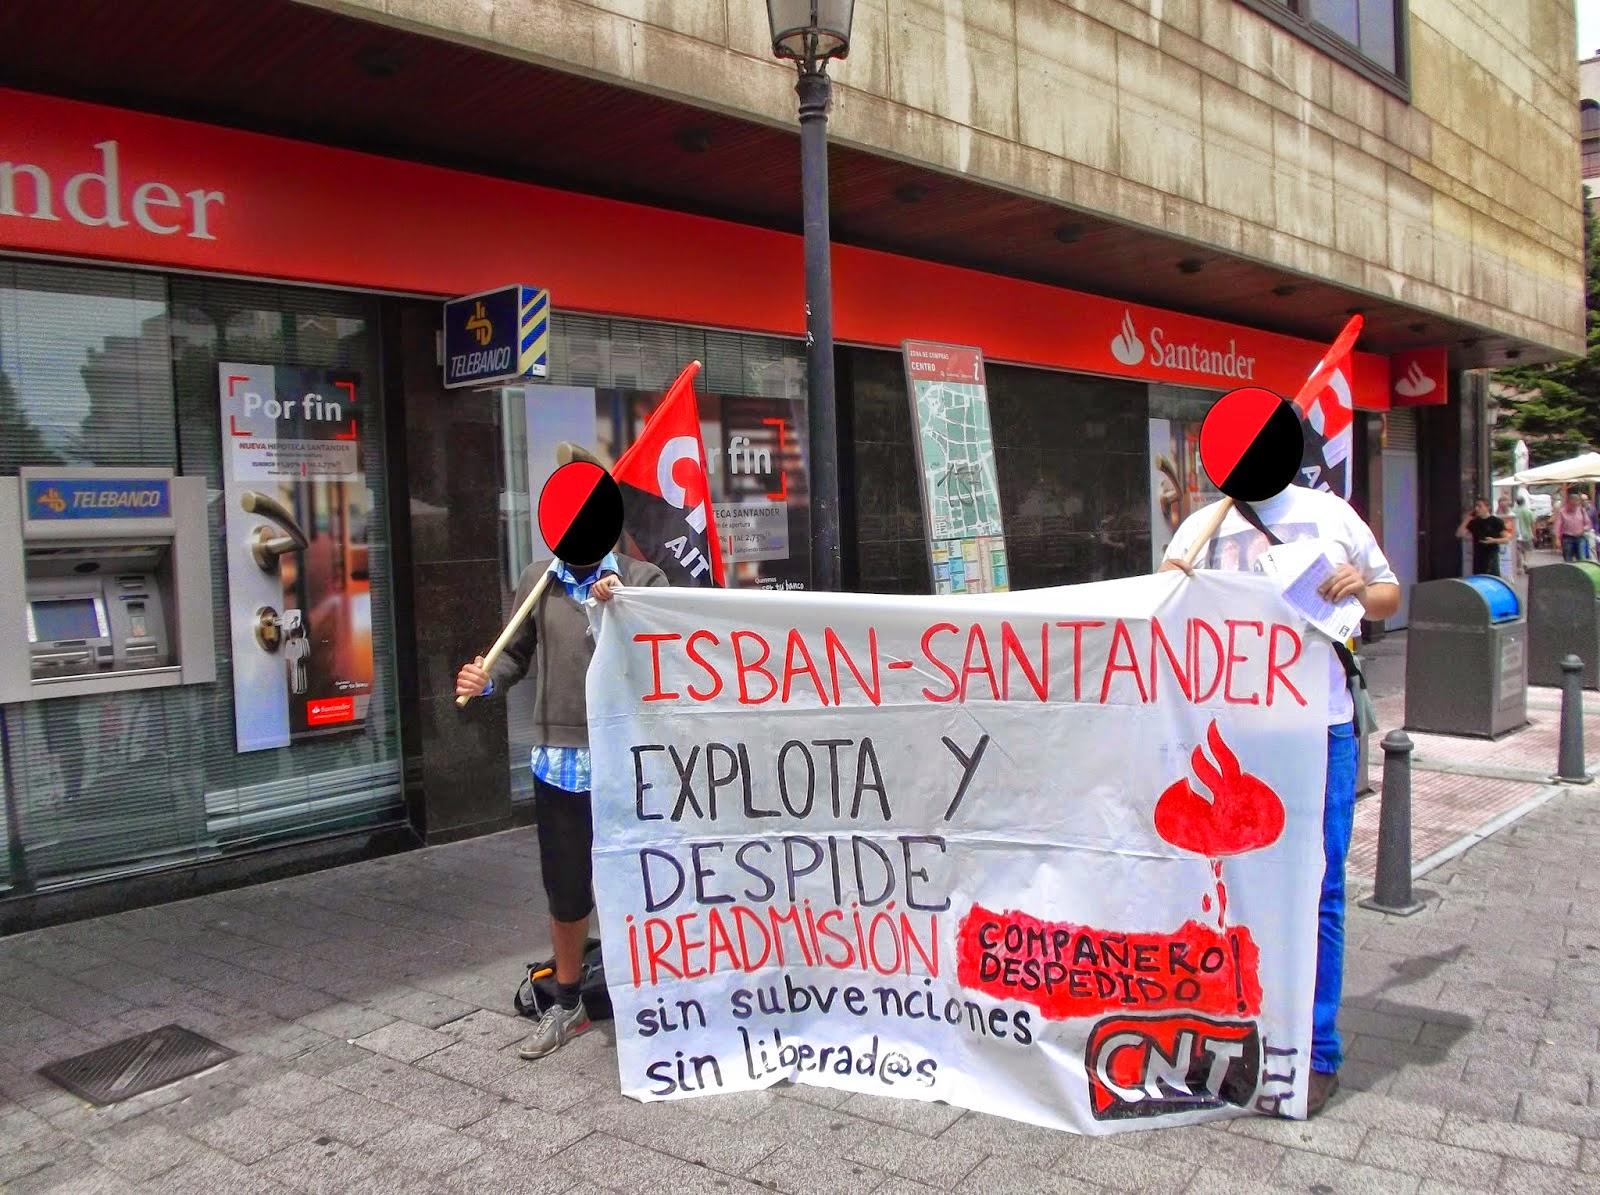 Albacete, Día Internacional en Solidaridad con el compañero despedido en Panel Sistemas y ISBAN-Banco Santander,CNT-AIT Albacete, Panel Sistemas y por ISBAN-Banco Santander, ,los anarquistas,frases anarquistas,los anarquistas,anarquista,anarquismo, frases de anarquistas,anarquia,la anarquista,el anarquista,a anarquista,anarquismo, anarquista que es,anarquistas,el anarquismo,socialismo,el anarquismo,o anarquismo,greek anarchists,anarchist, anarchists cookbook,cookbook, the anarchists,anarchist,the anarchists,sons anarchy,sons of anarchy, sons,anarchy online,son of anarchy,sailing,sailing anarchy,anarchy in uk,   anarchy uk,anarchy song,anarchy reigns,anarchist,anarchism definition,what is anarchism, goldman anarchism,cookbook,anarchists cook book, anarchism,the anarchist cookbook,anarchist a,definition anarchist, teenage anarchist,against me anarchist,baby anarchist,im anarchist, baby im anarchist, die anarchisten,frau des anarchisten,kochbuch anarchisten, les anarchistes,leo ferre,anarchiste,les anarchistes ferre,les anarchistes ferre, paroles les anarchistes,léo ferré,ferré anarchistes,ferré les anarchistes,léo ferré,  anarchia,anarchici italiani,gli anarchici,canti anarchici,comunisti, comunisti anarchici,anarchici torino,canti anarchici,gli anarchici,communism socialism,communism,definition socialism, what is socialism,socialist,socialism and communism,CNT,CNT, Confederación Nacional del Trabajo, AIT, La Asociación Internacional de los Trabajadores, IWA,International Workers Association,FAU,Freie Arbeiterinnen und Arbeiter-Union,FORA,F.O.R.A,Federación Obrera Regional Argentina,COB,Confederação Operária Brasileira ,Priama Akcia,CNT,Confédération Nationale du Travail,USI,Unione Sindacale Italiana,  NSF iAA,Norsk Syndikalistisk Forbund,ZSP,Związek Syndykalistów Polski,AIT-SP,AIT Secção Portuguesa,solfed,Solidarity Federation,aitrus,Конфедерация революционных анархо-синдикалистов,inicijativa,Sindikalna konfederacija Anarho-sindikalistička inicijativa, ASF,Anarcho-Sy